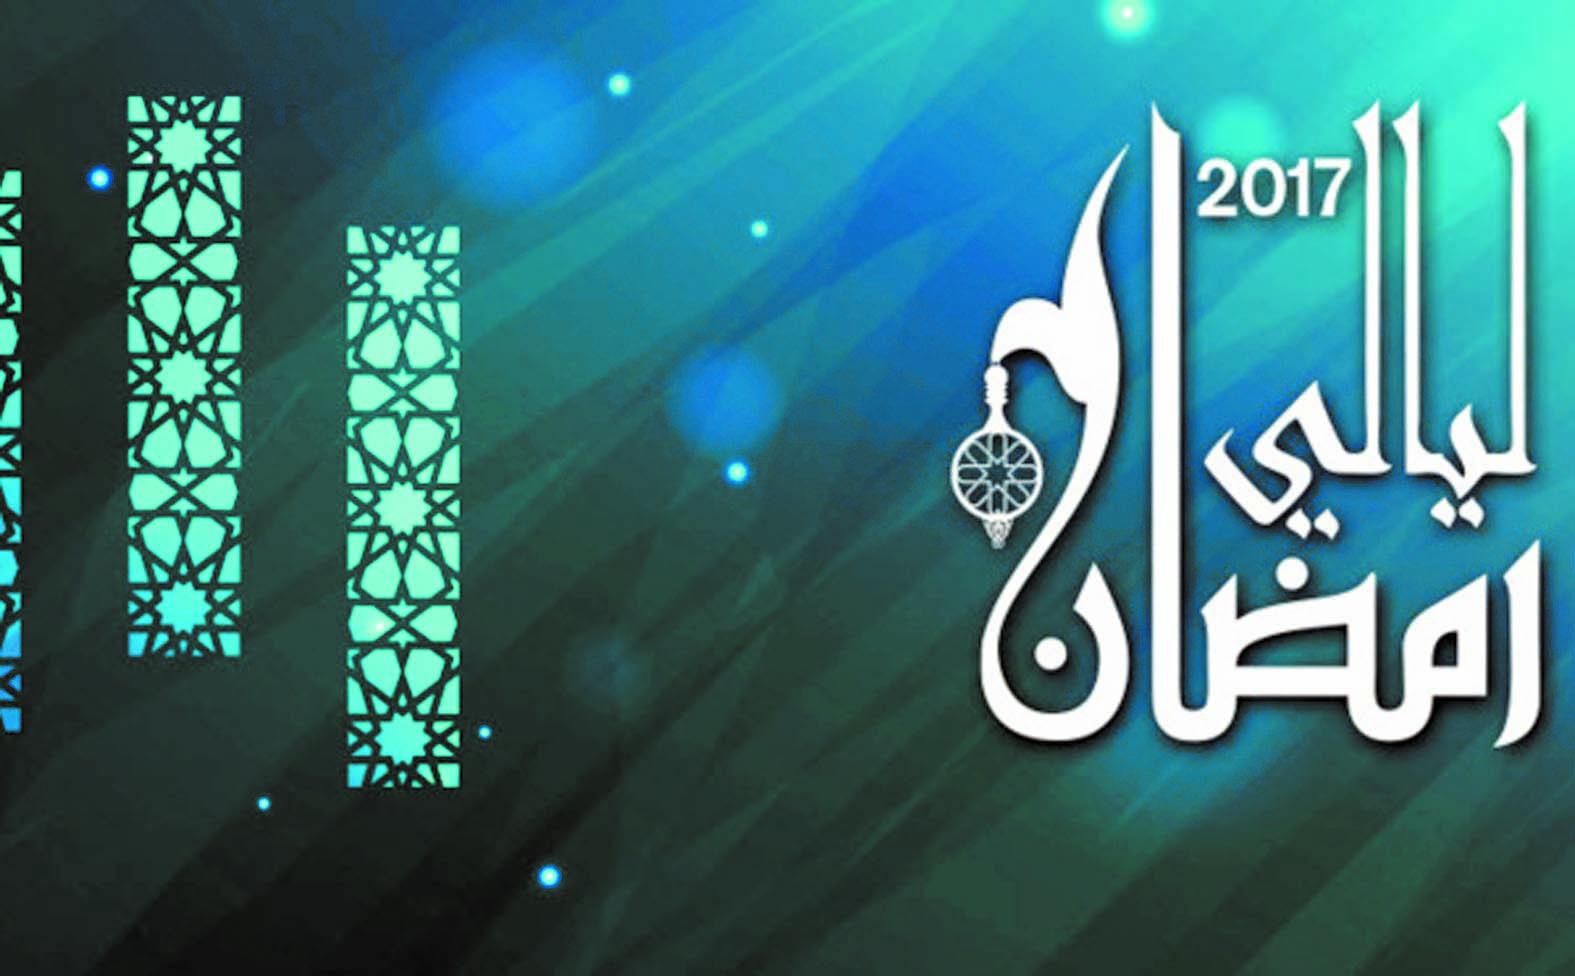 Une soirée du Samaâ soufi anime les Nuits  du Ramadan de l'Institut français à Essaouira